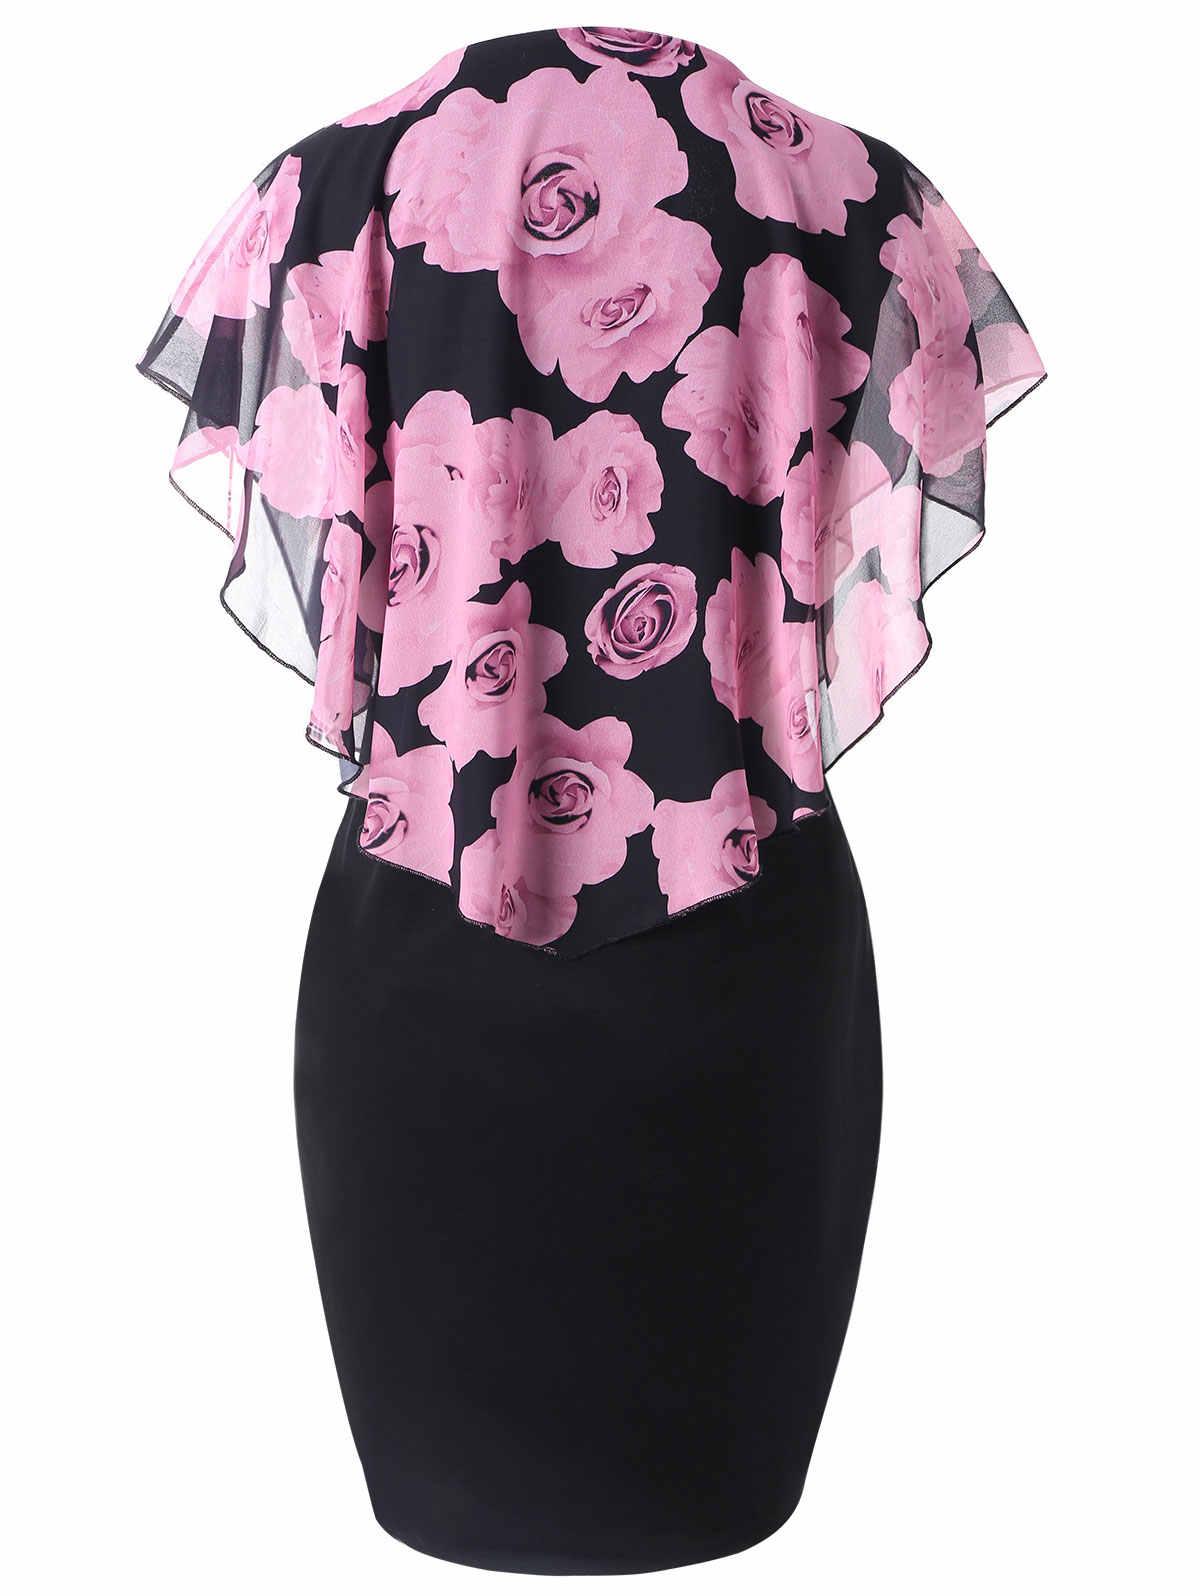 Vestido de verano para mujer Wipalo de talla grande 5XL rosa de San Valentín Capelet ropa gasa elegante Midi fiesta lápiz Vestidos